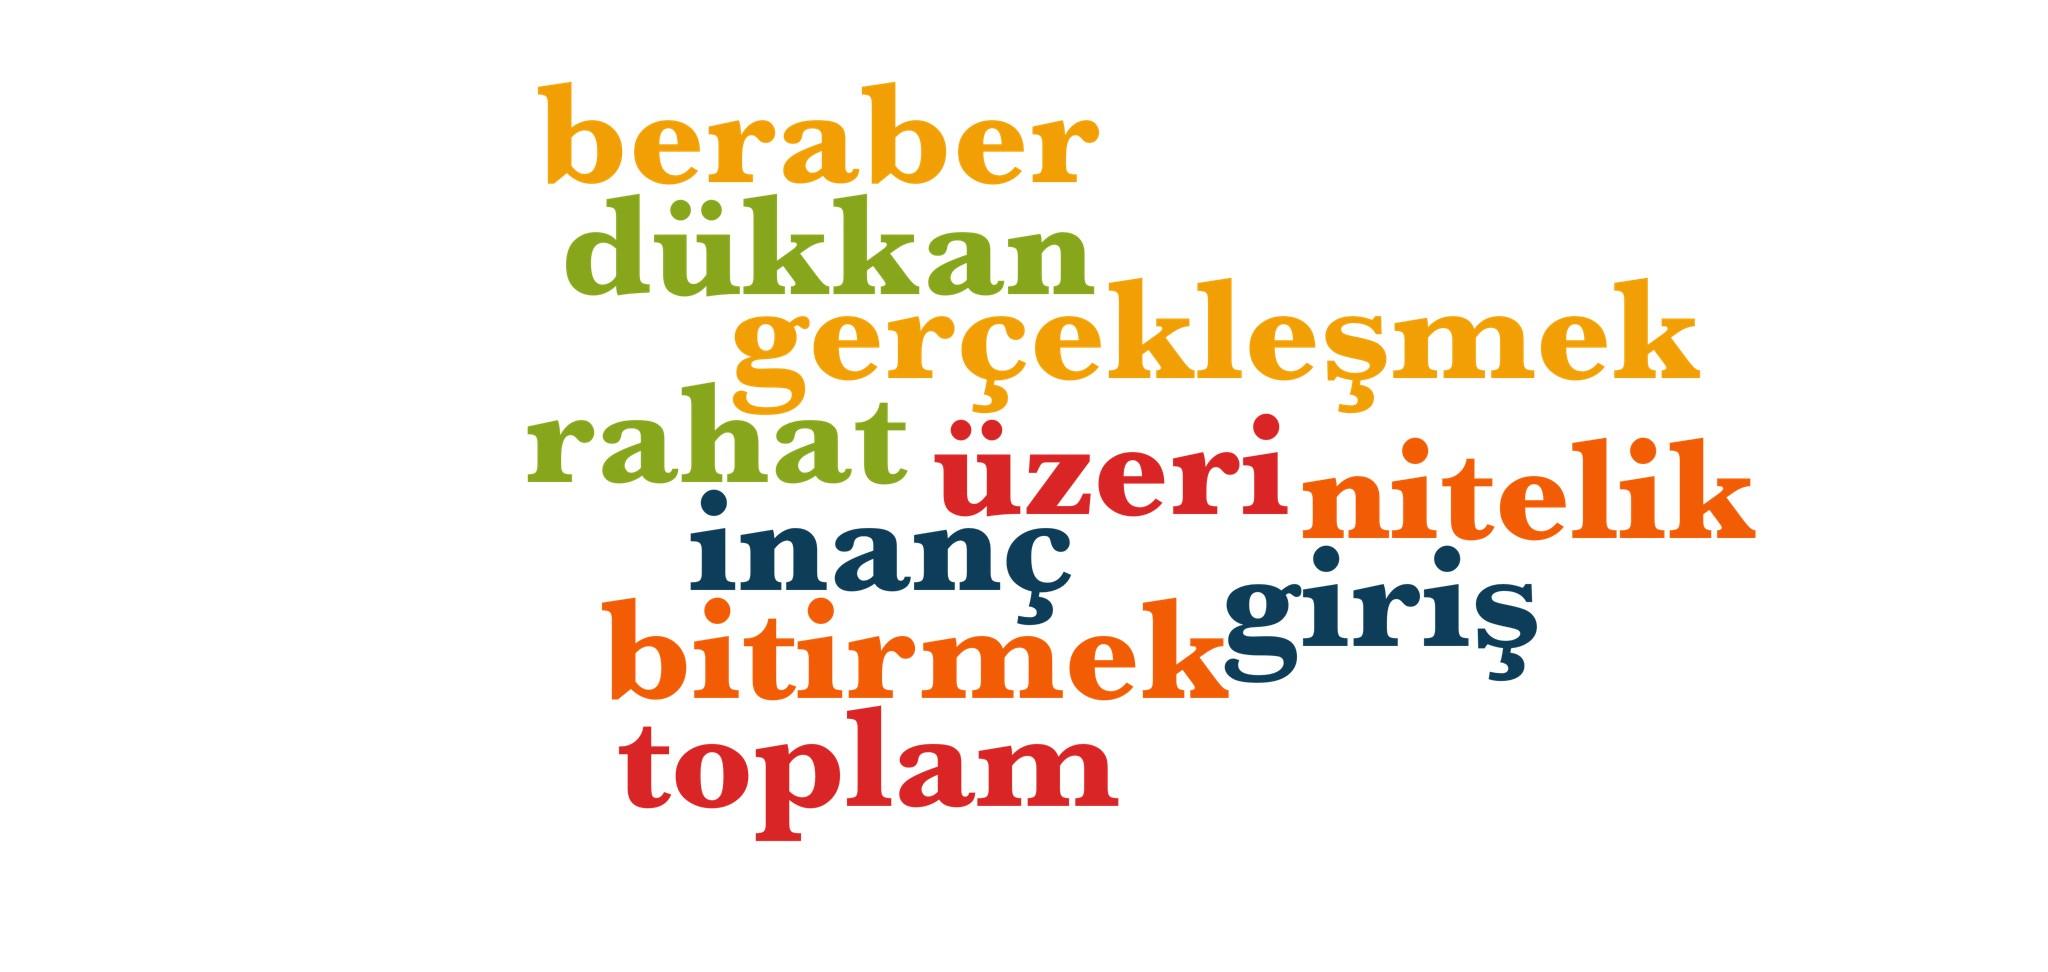 Wörter 781 bis 790 der 1000 häufigsten Wörter der türkischen Sprache